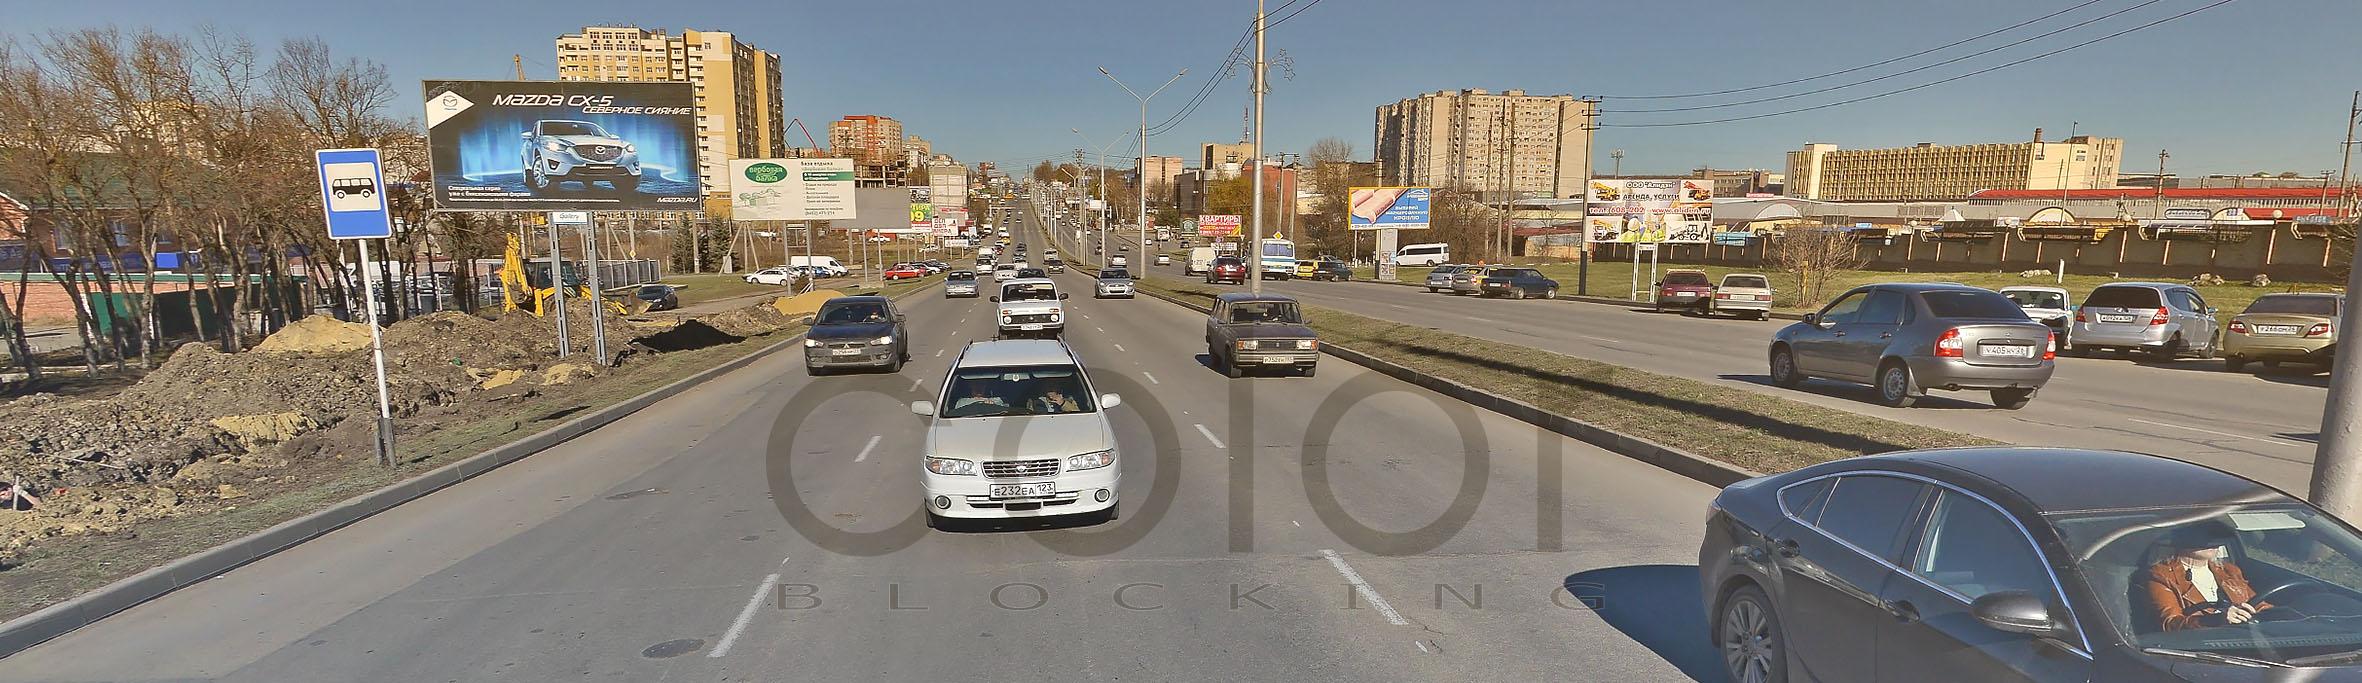 Реклама на билбордах в Ставрополе 6х3